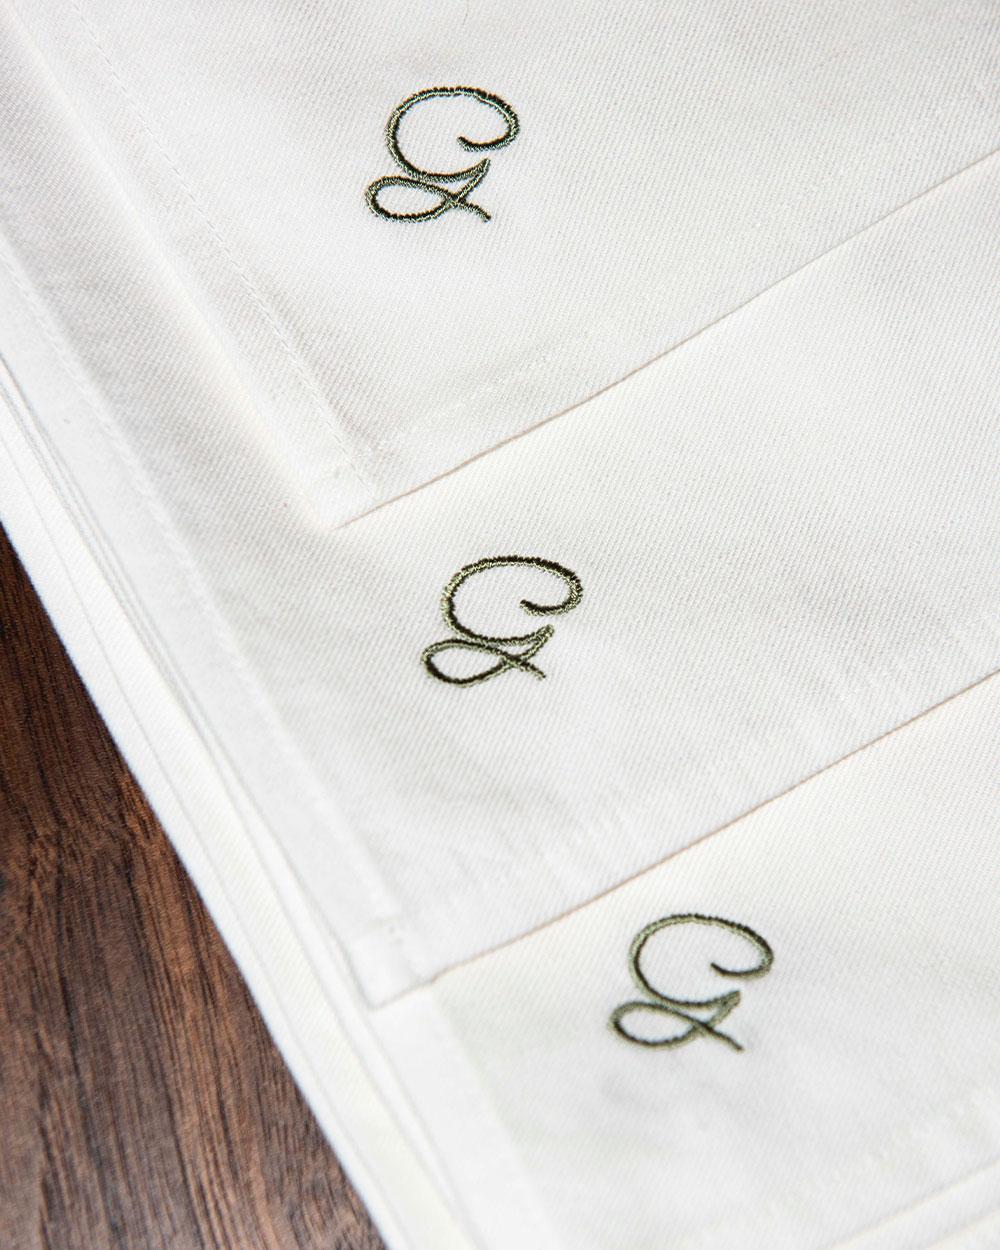 Gigis hollywood white napkins by atelier saucier